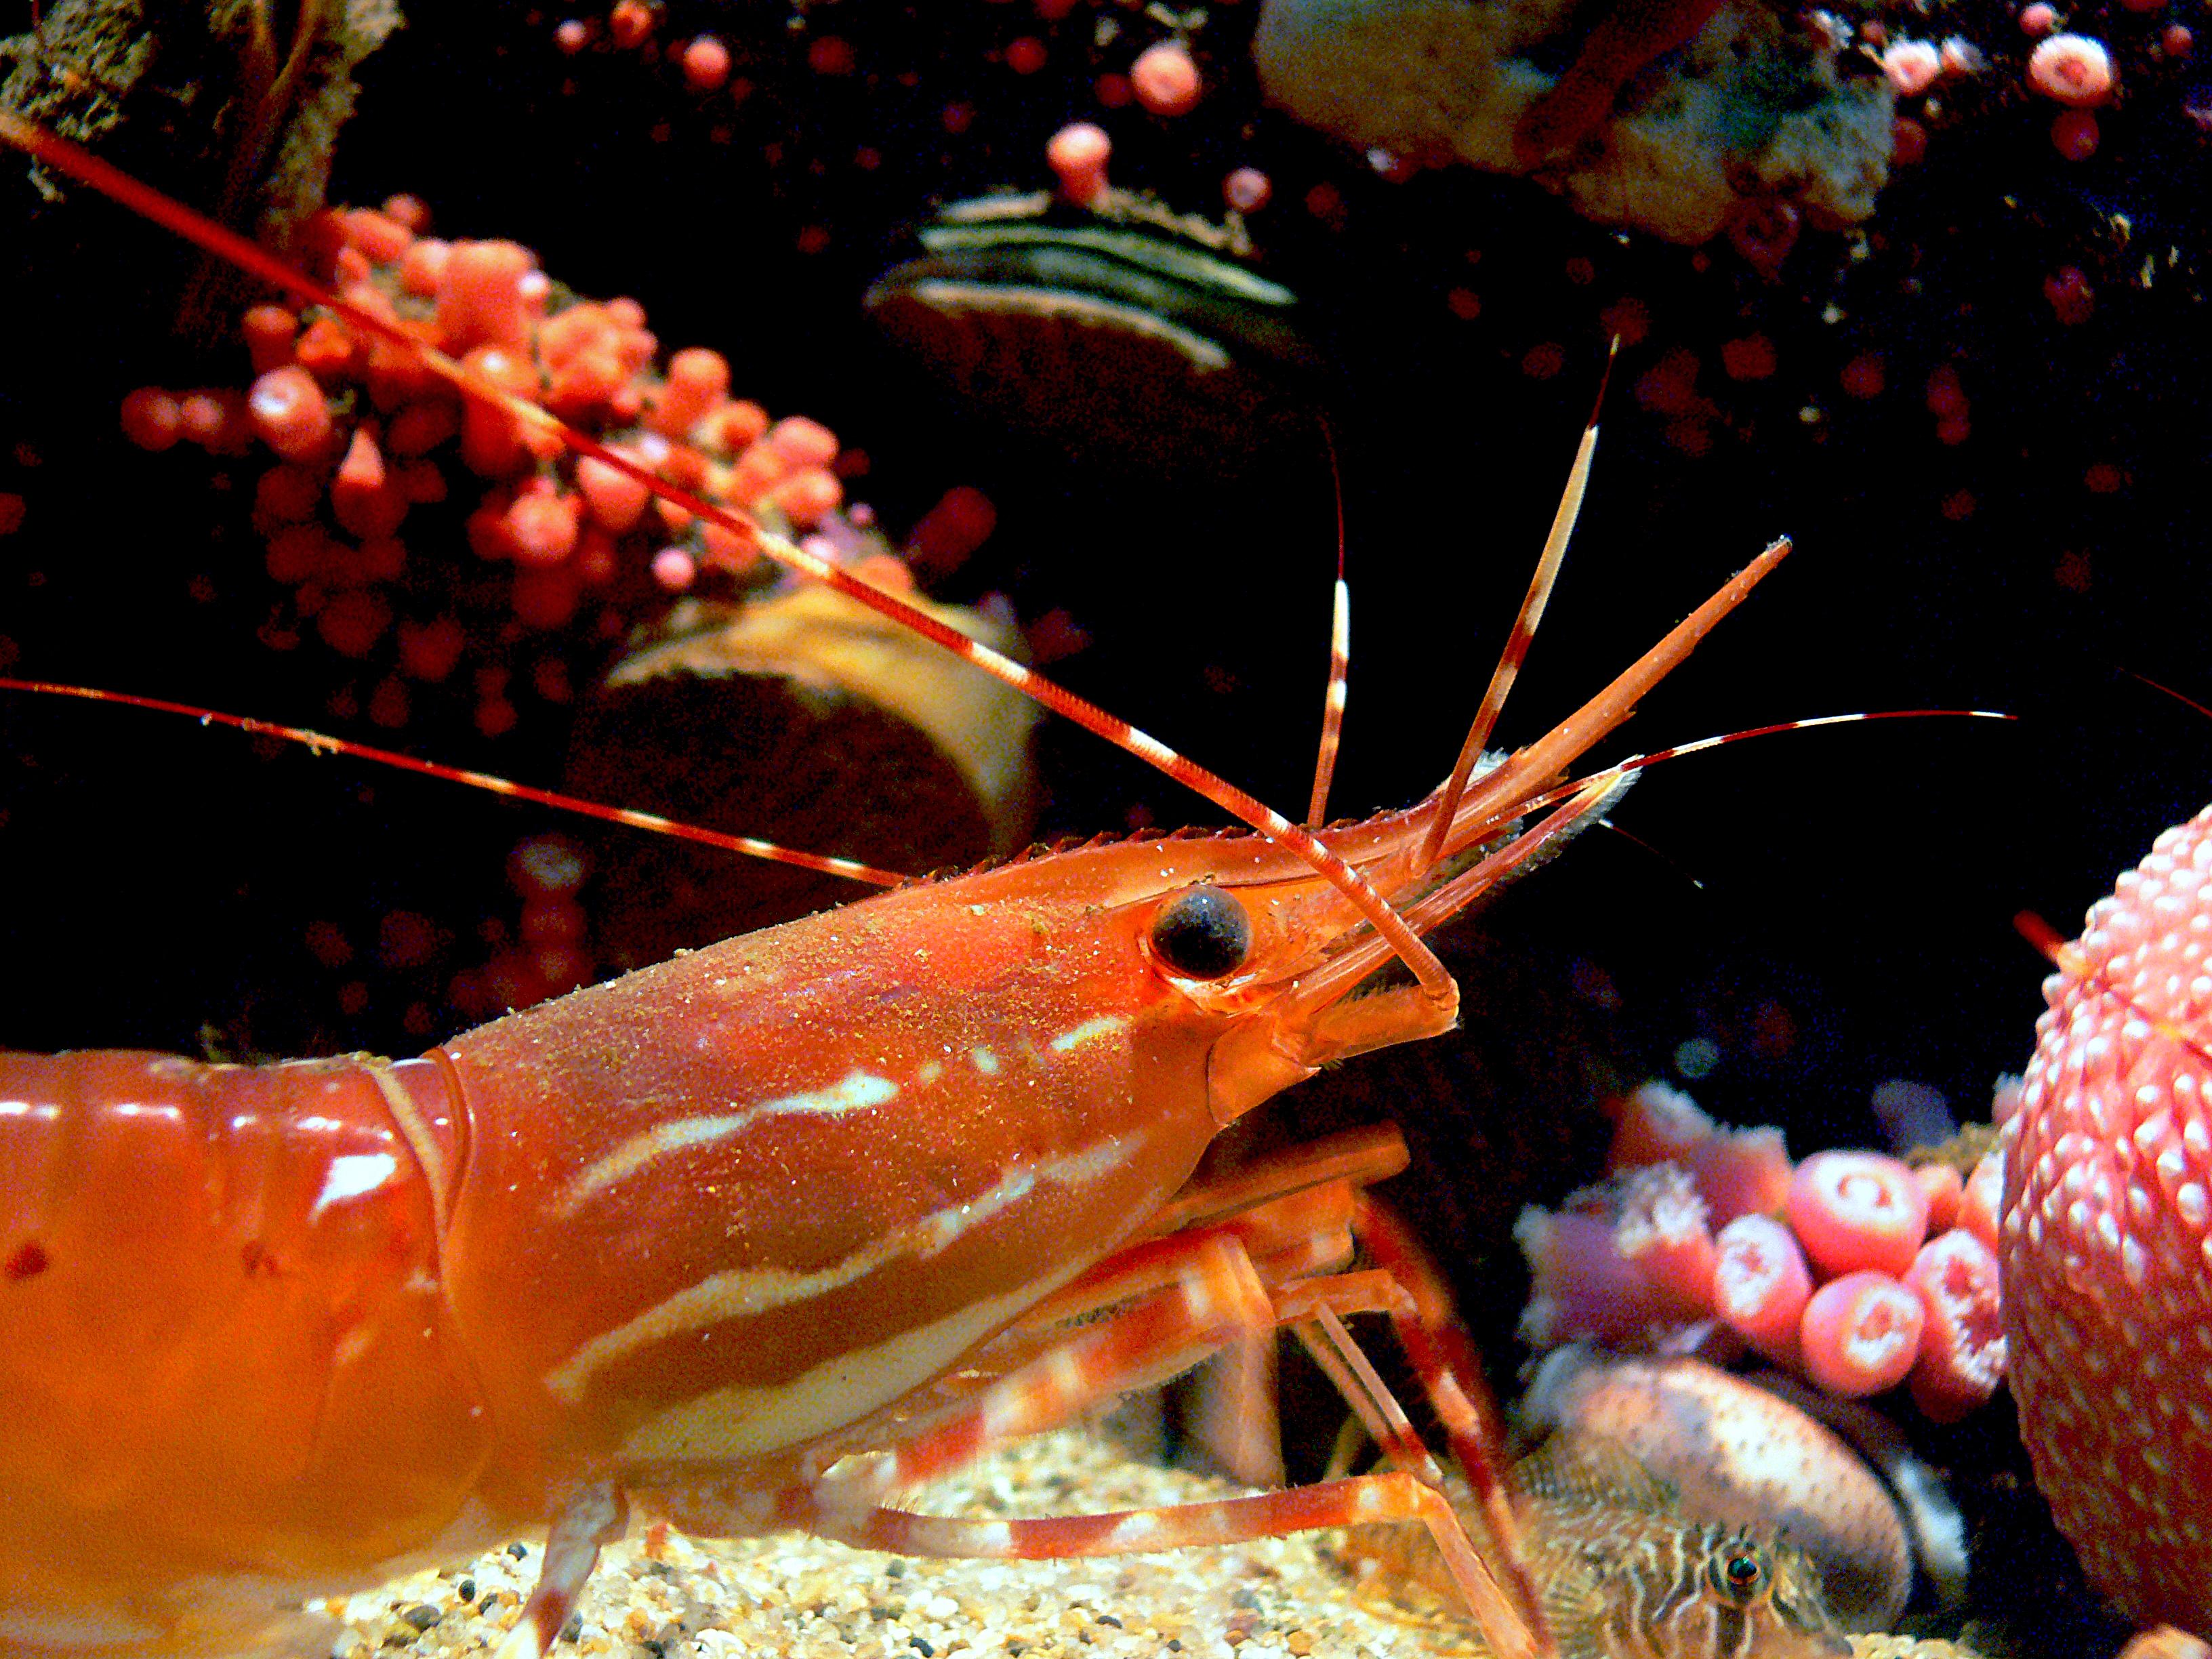 Monterey Aquarium. (35), Animal, Free photos, Underwater, Shrimp, HQ Photo